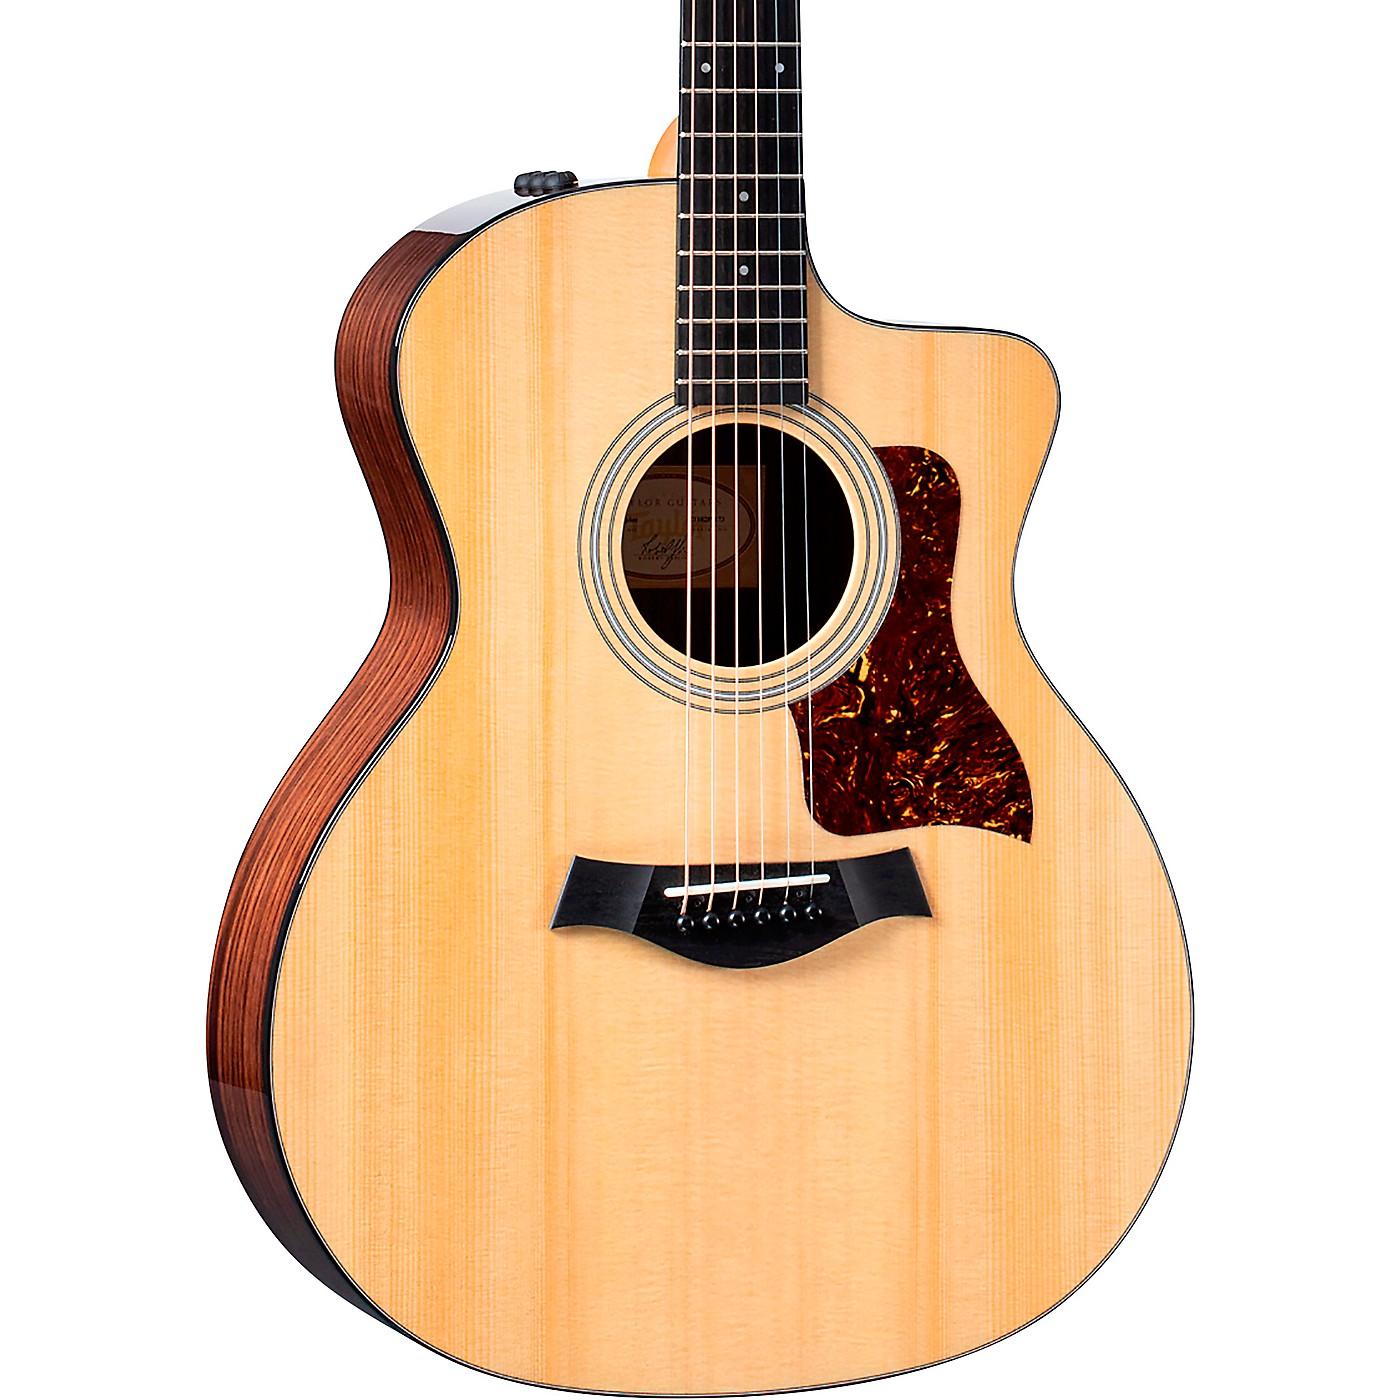 Taylor 214ce Plus Grand Auditorium Acoustic-Electric Guitar thumbnail